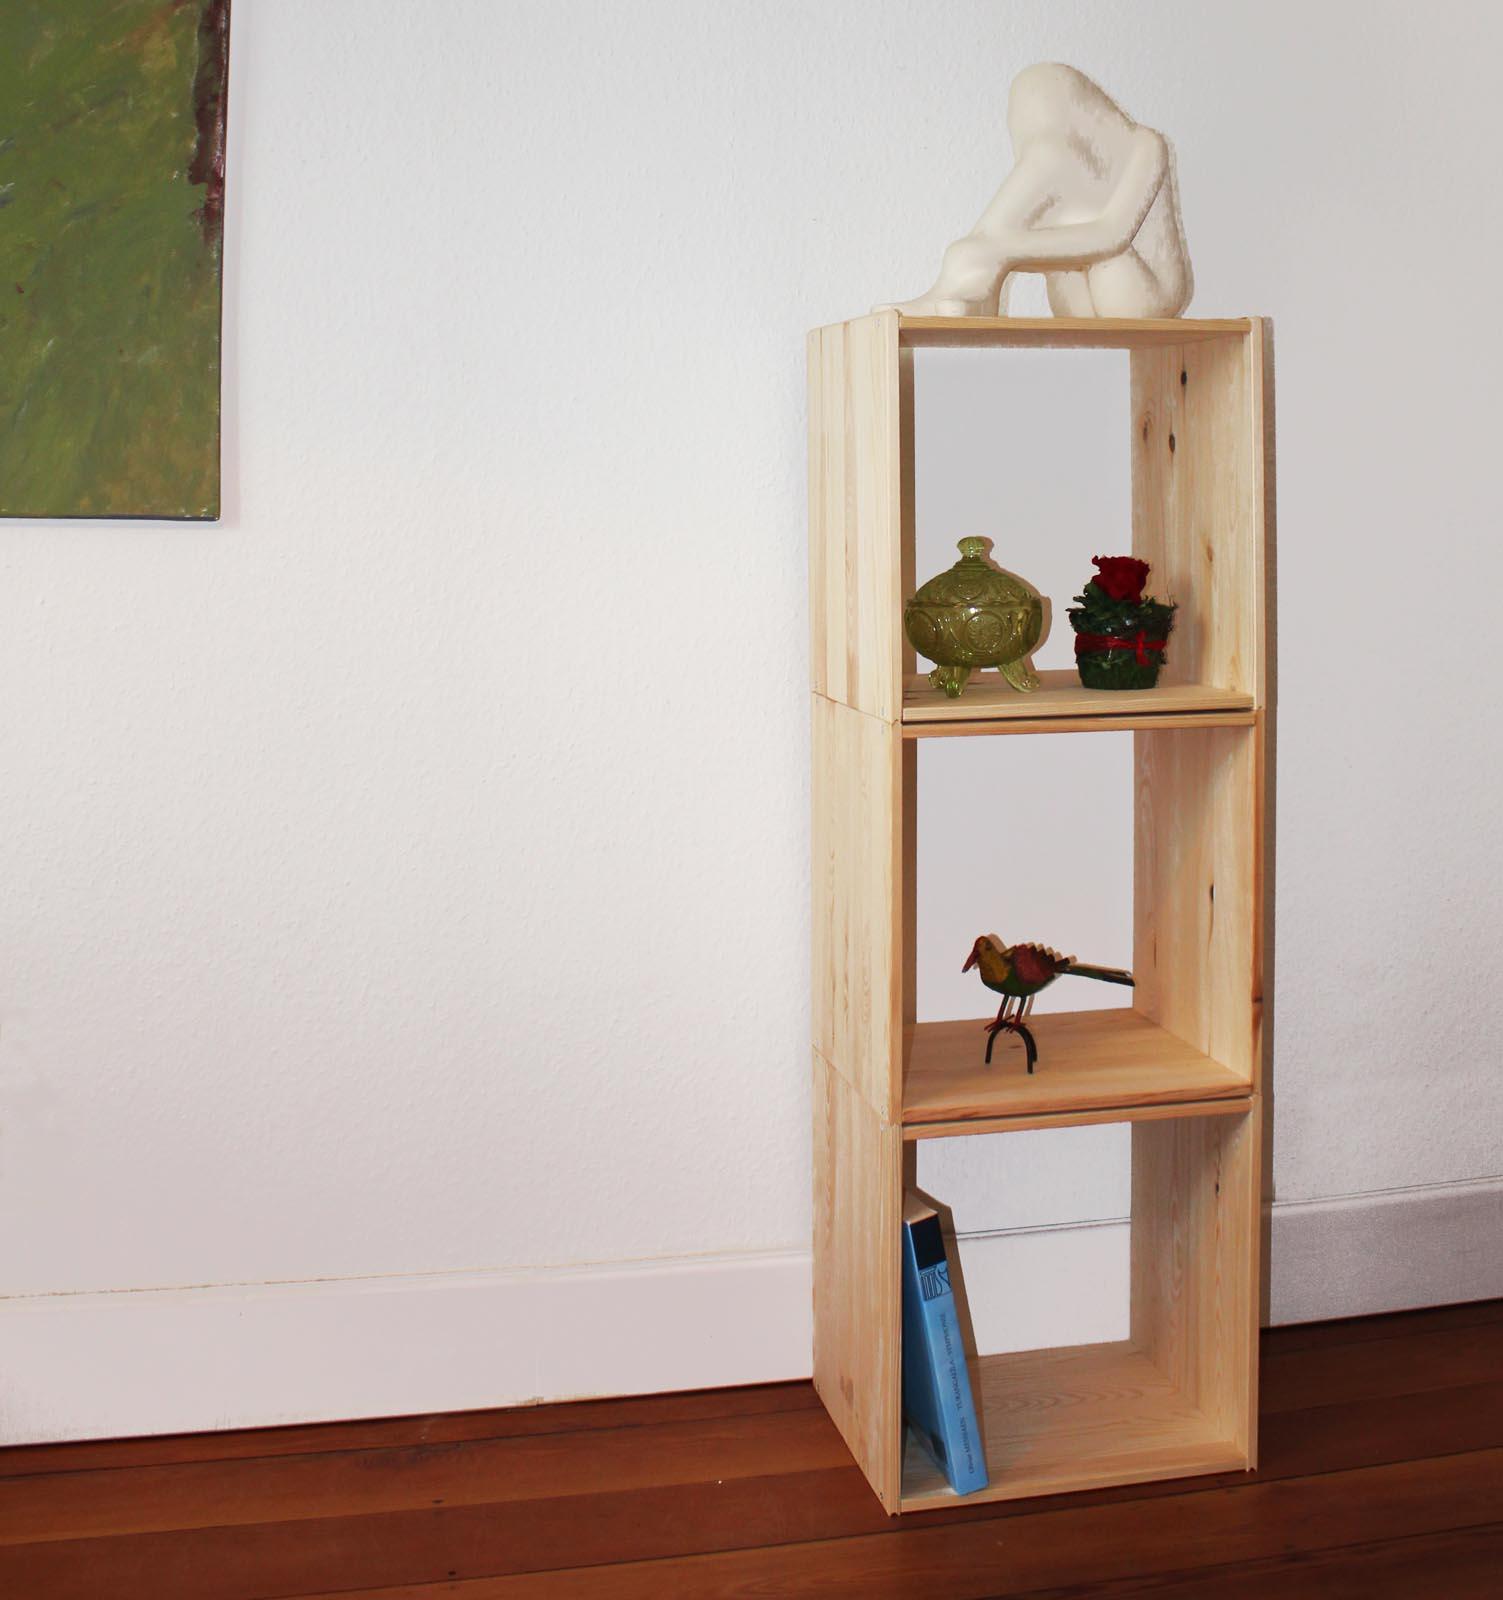 1 2 3er set regalsystem w rfel regal m bel stabelbar standregal modulregal ebay. Black Bedroom Furniture Sets. Home Design Ideas